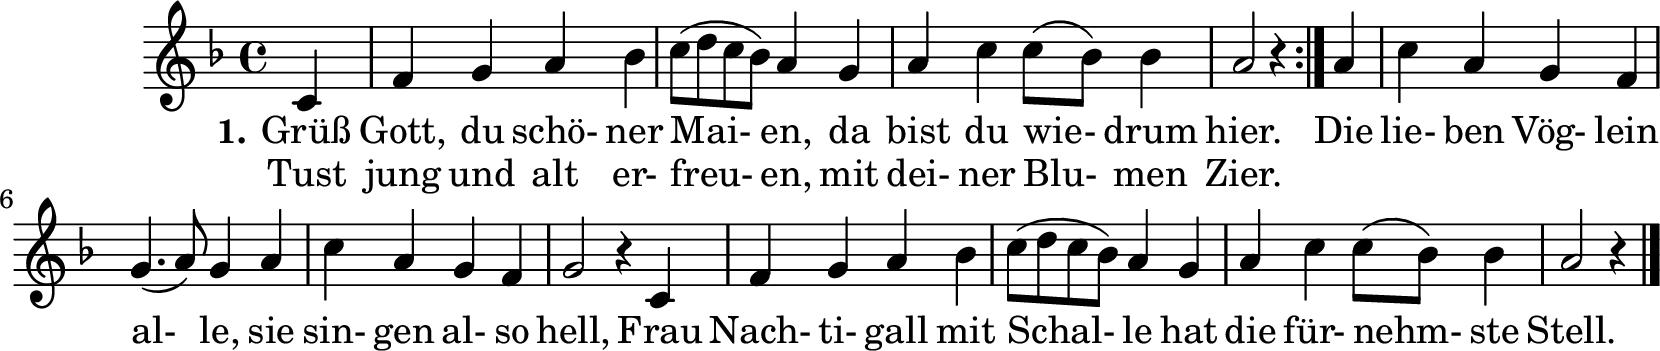 Notenblatt Music Sheet Grüß Gott, du schöner Maien